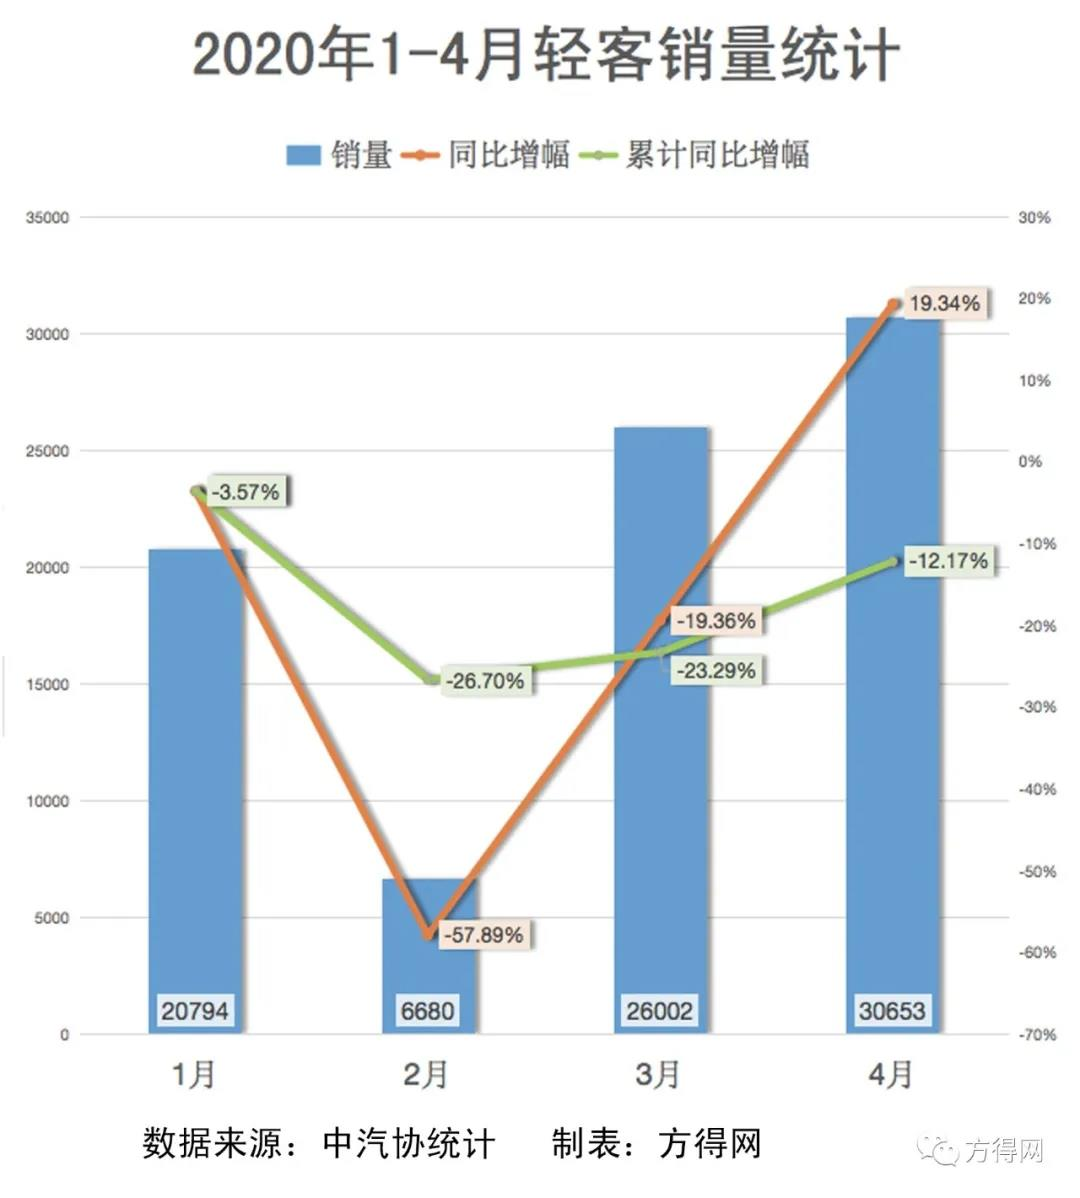 江铃增5成 大通稳第二 4月轻客增长两成拉动大盘